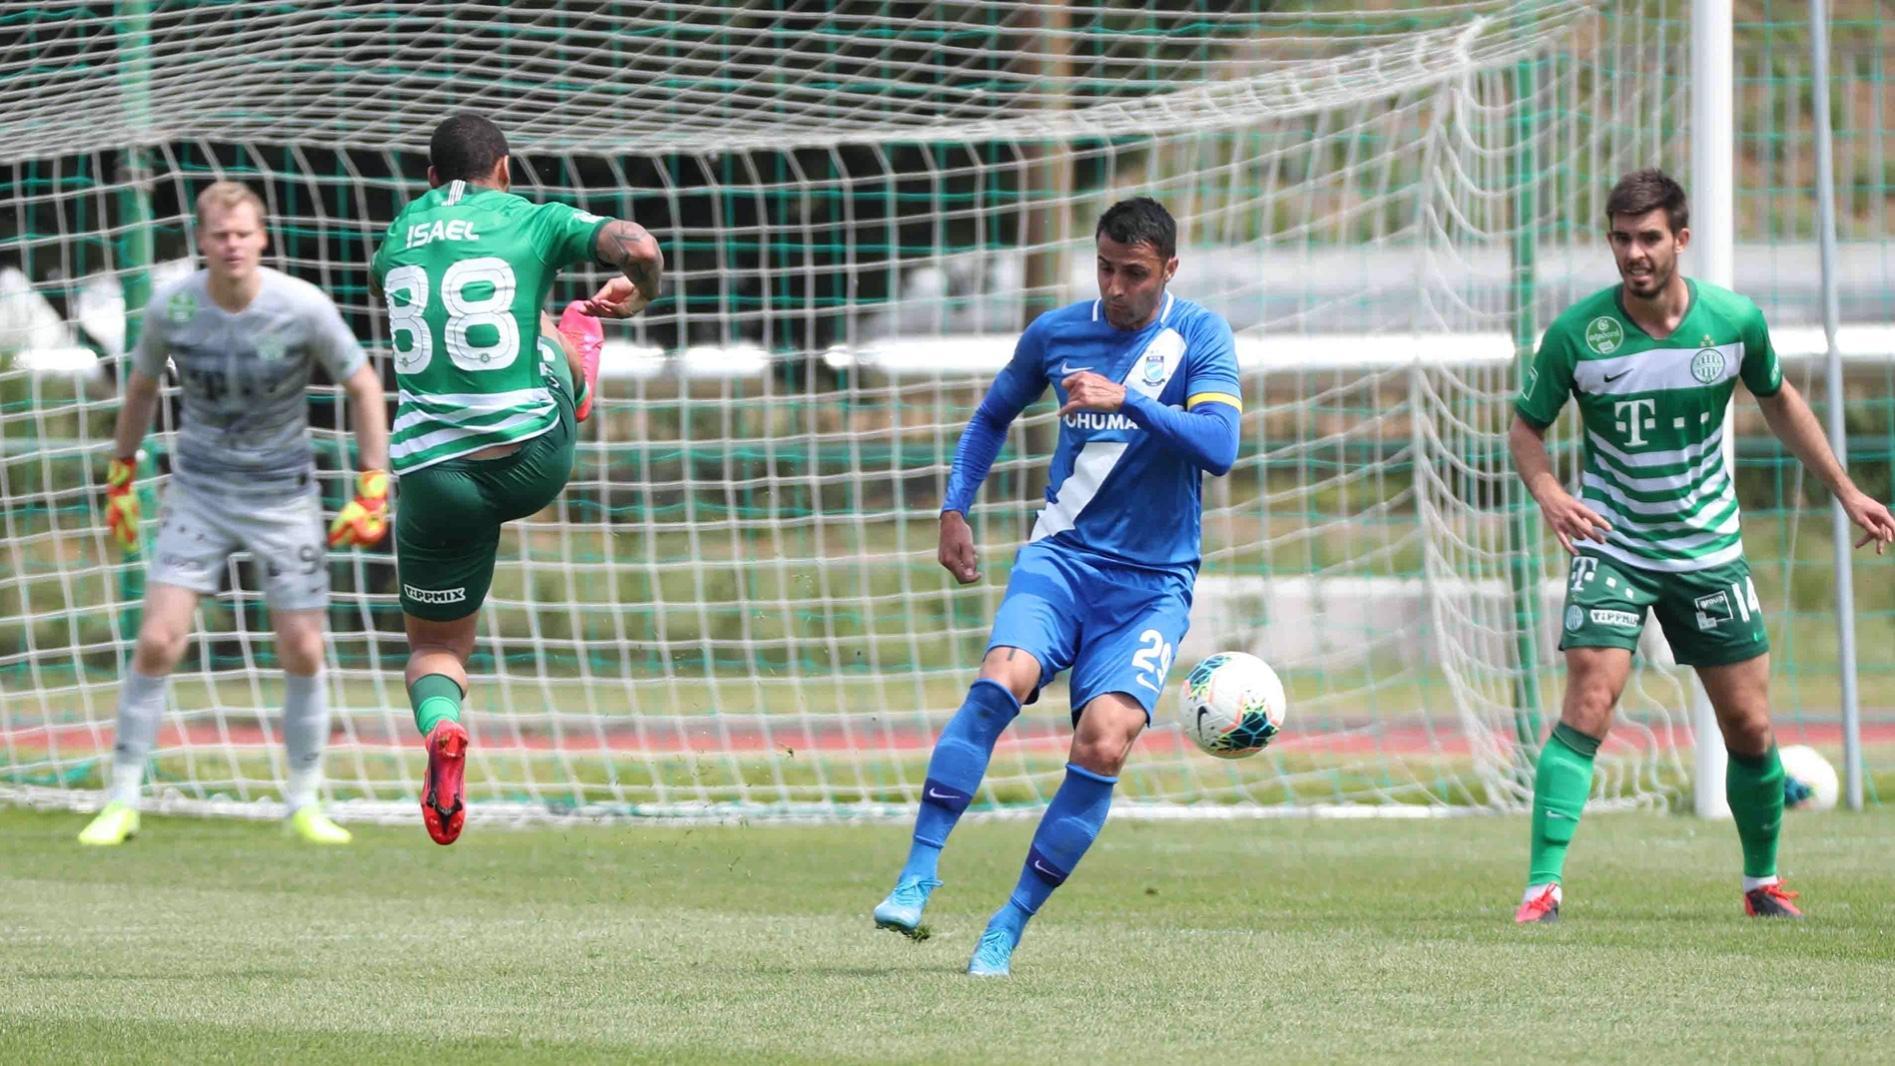 Bemutatjuk pénteki ellenfelünket: Amit a Ferencvárosi TC csapatáról tudni kell